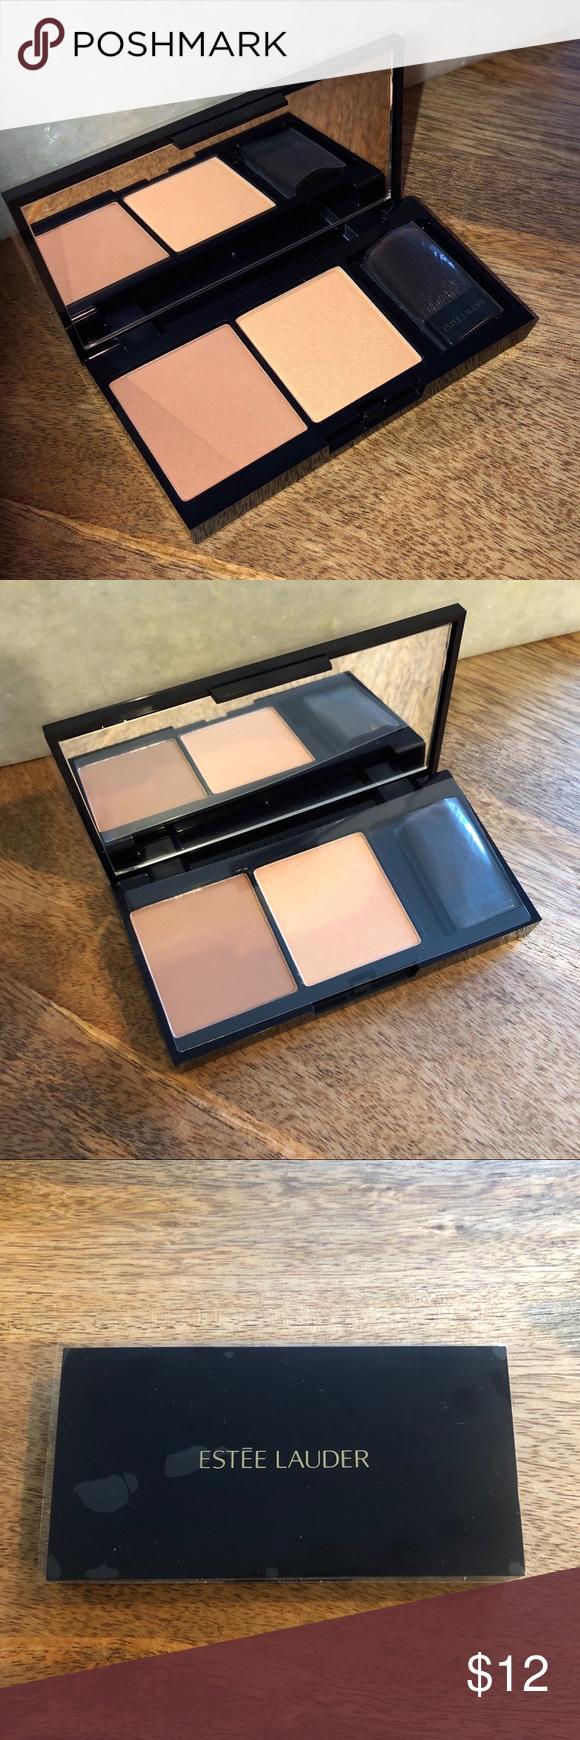 Estée Lauder Blush & Bronzer Set Pure color envy